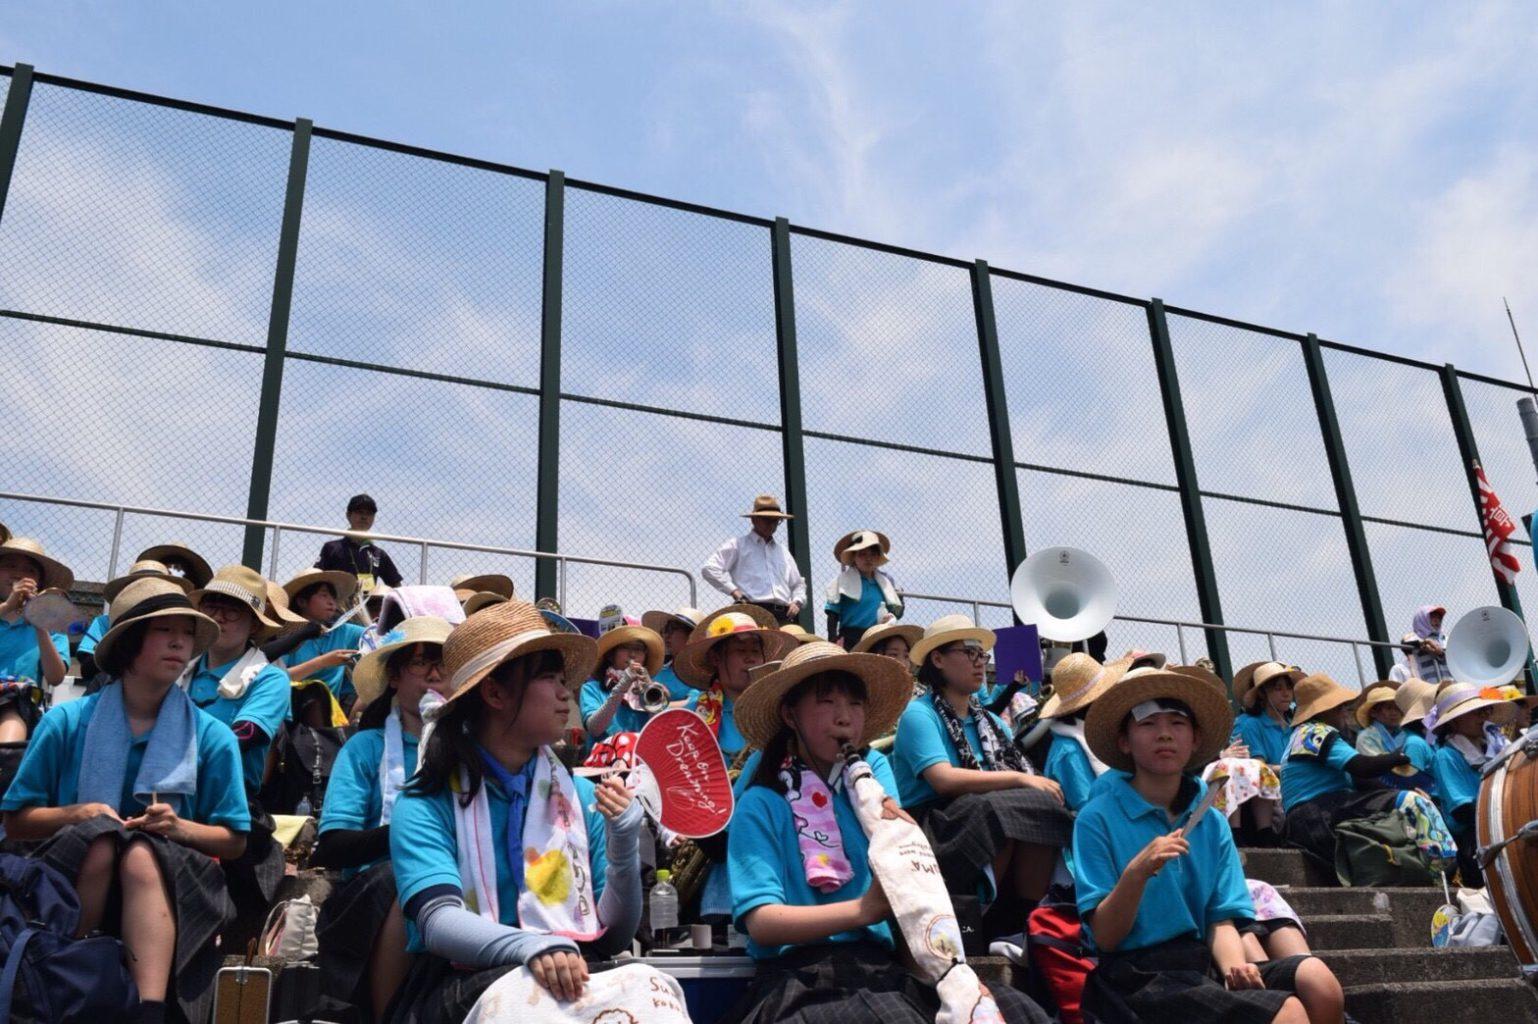 吹奏楽部・野球選手権鳥取大会応援